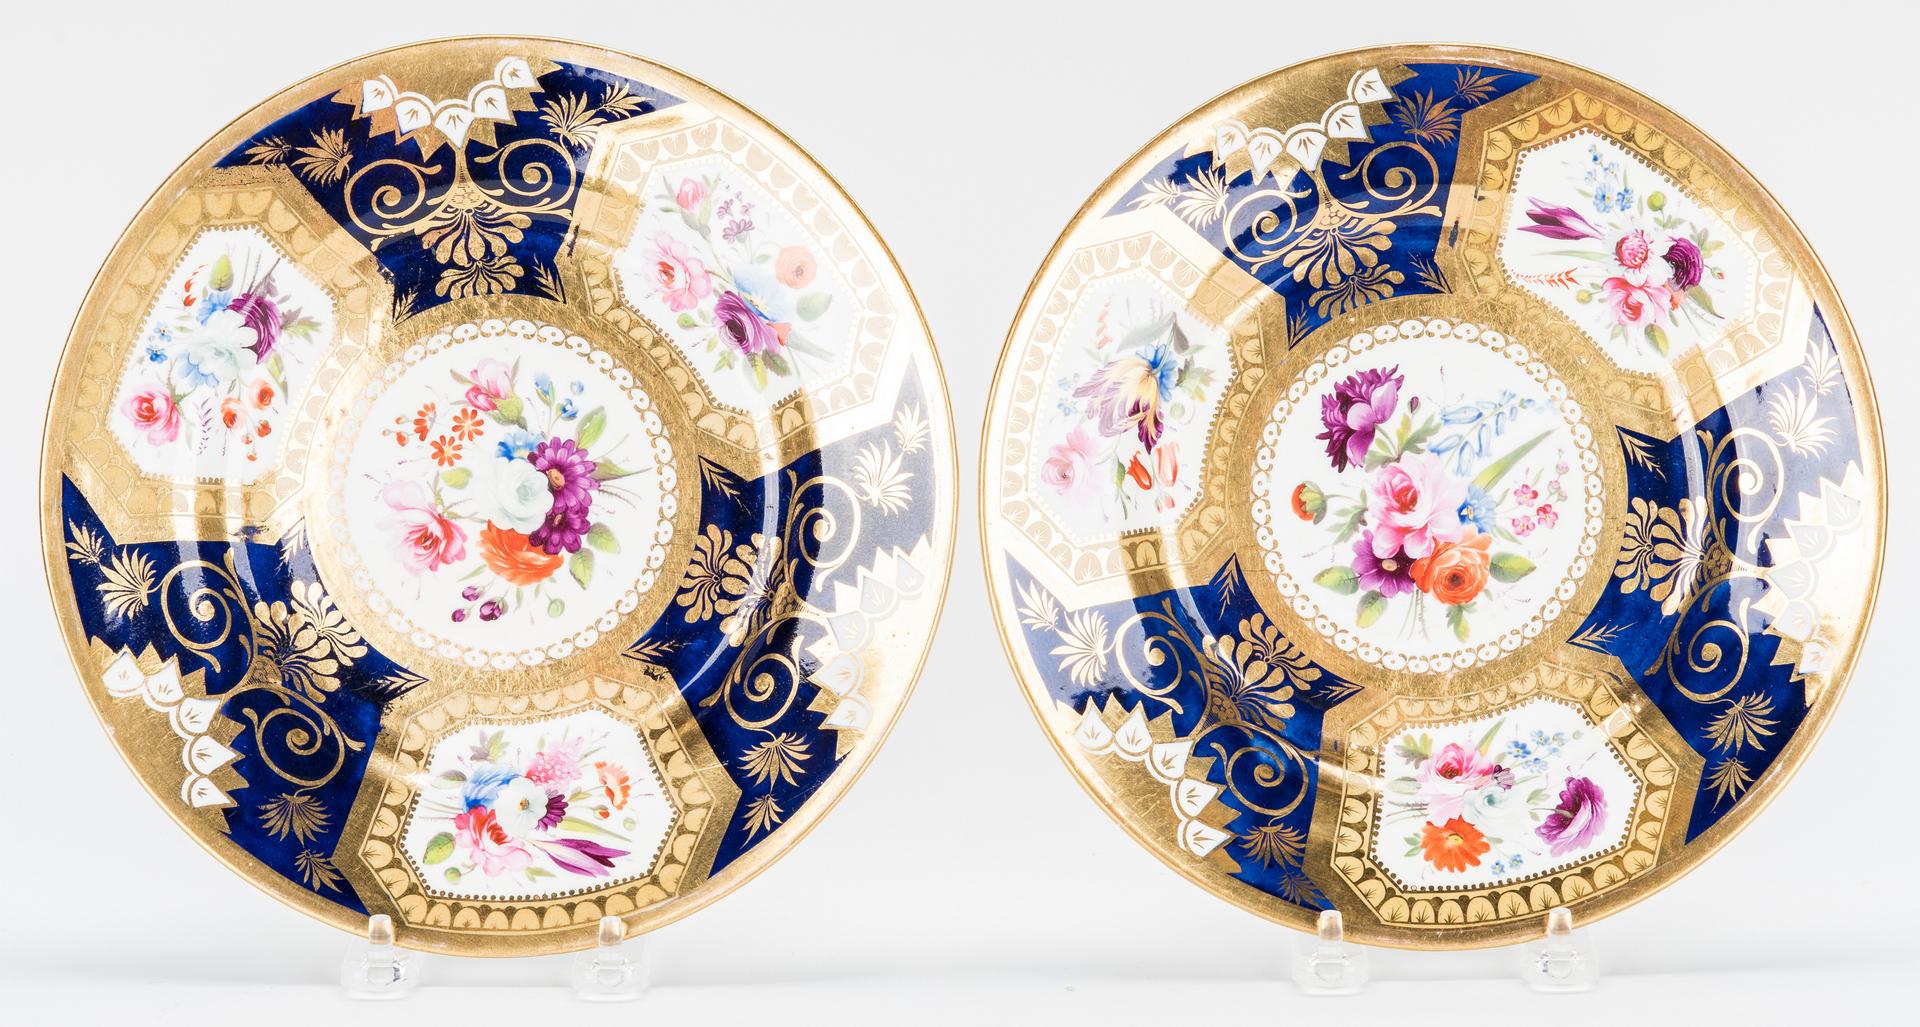 Lot 458: Assembled Group of Royal Worcester Porcelain, incl. Tea Service, 44 pcs.